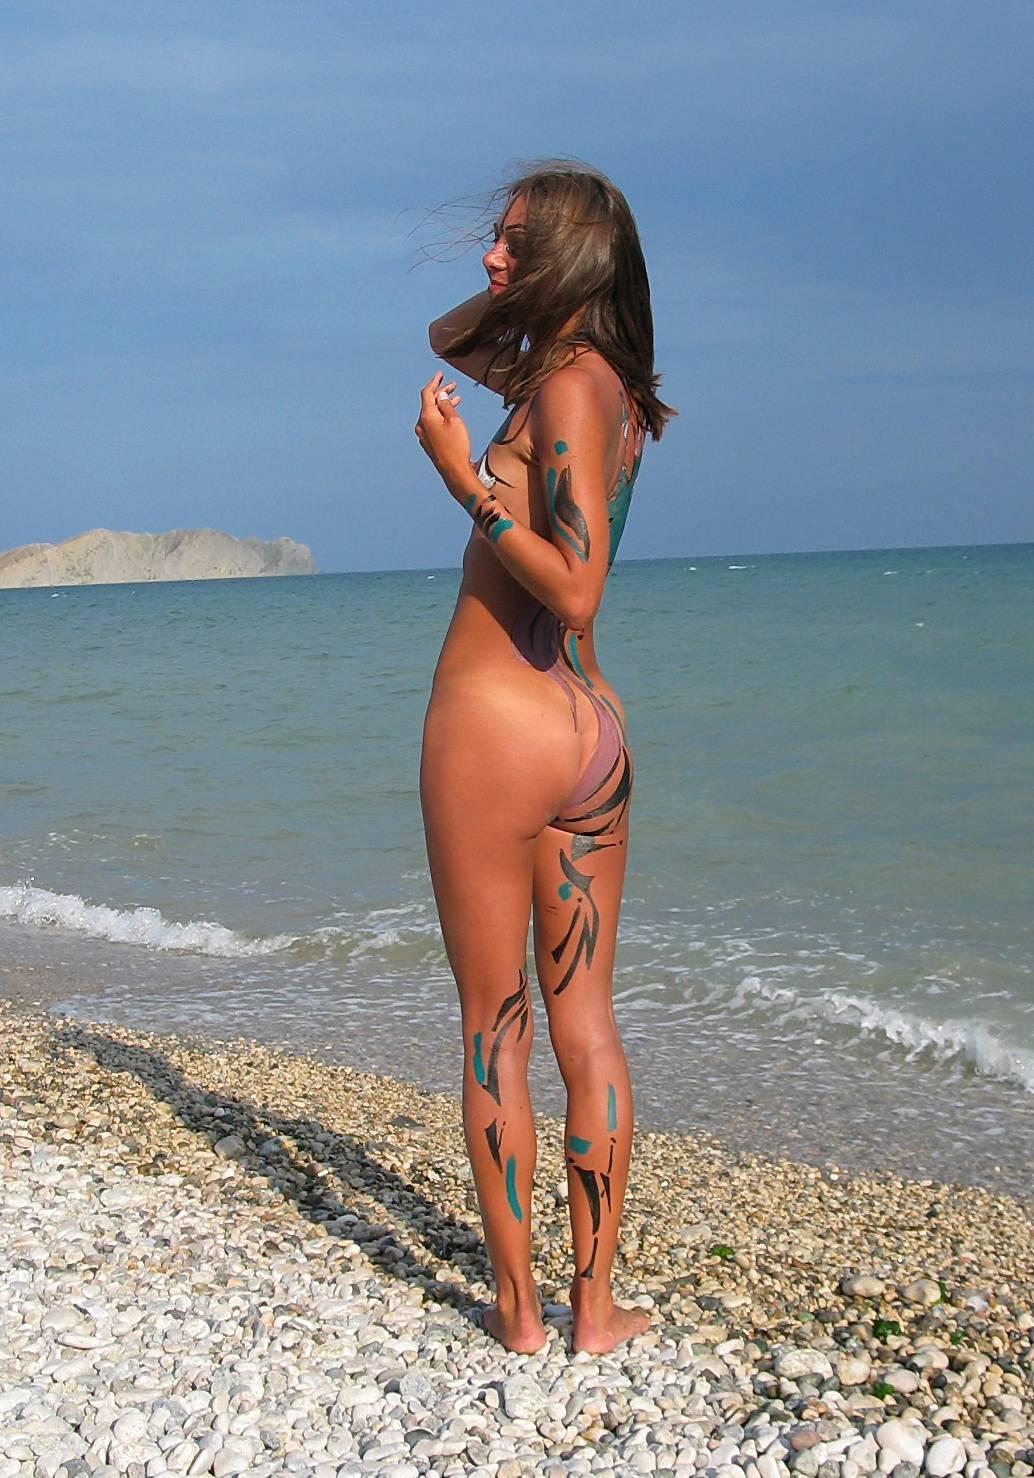 Nudist Pics Seaside Soothing Violinist - 1